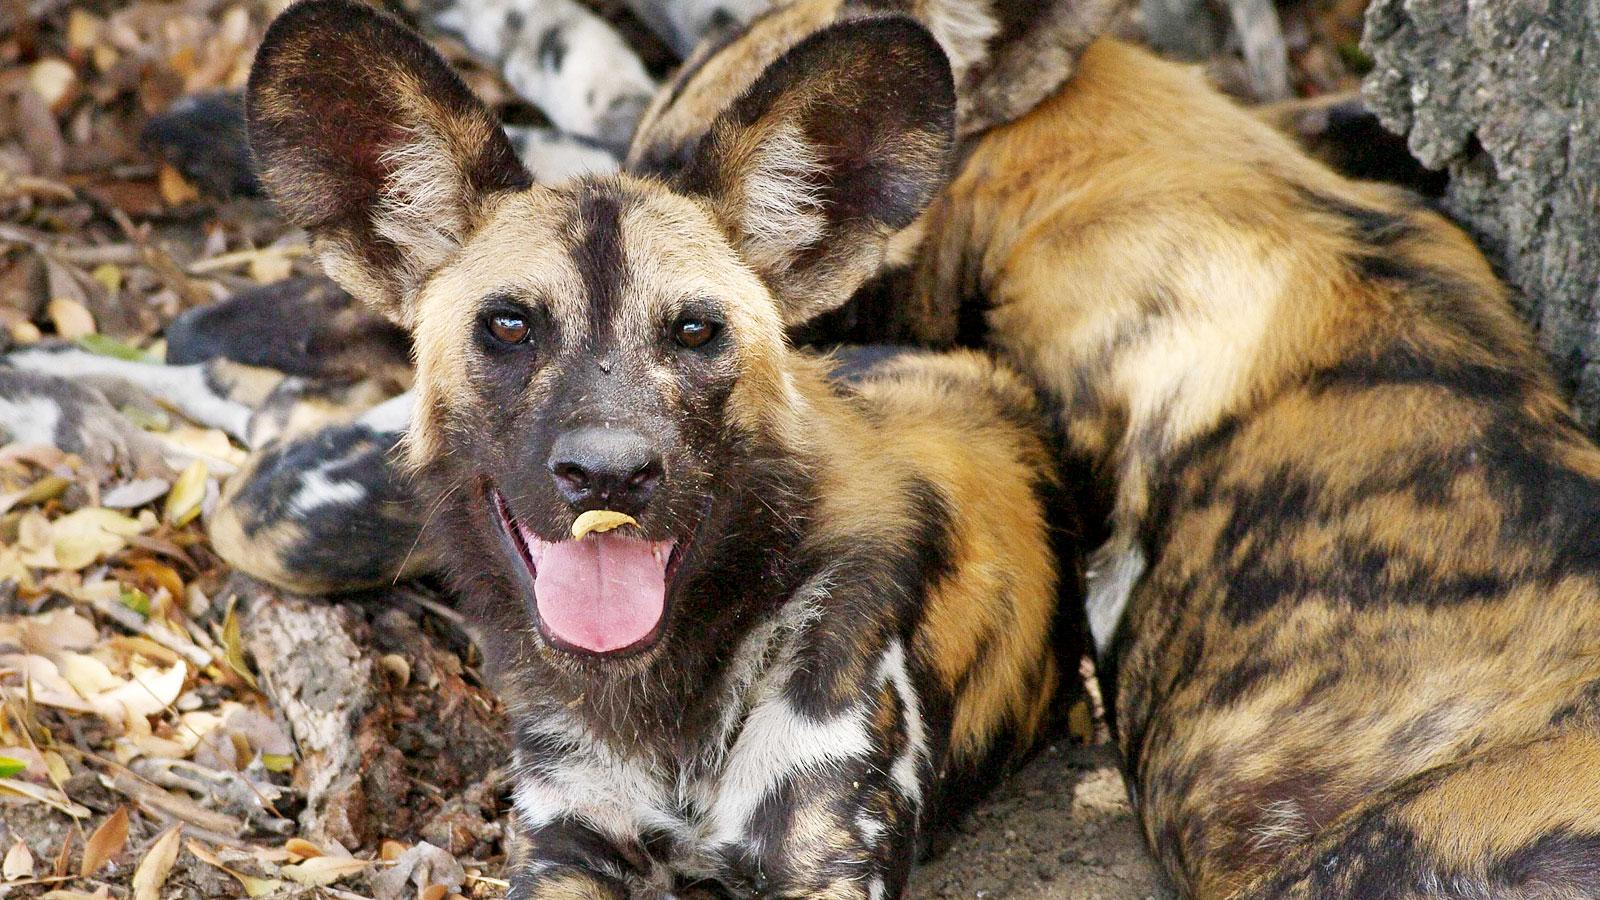 Wildhund Sambia Erlebnisreise & Safari in kleiner Reisegruppe traveljunkies